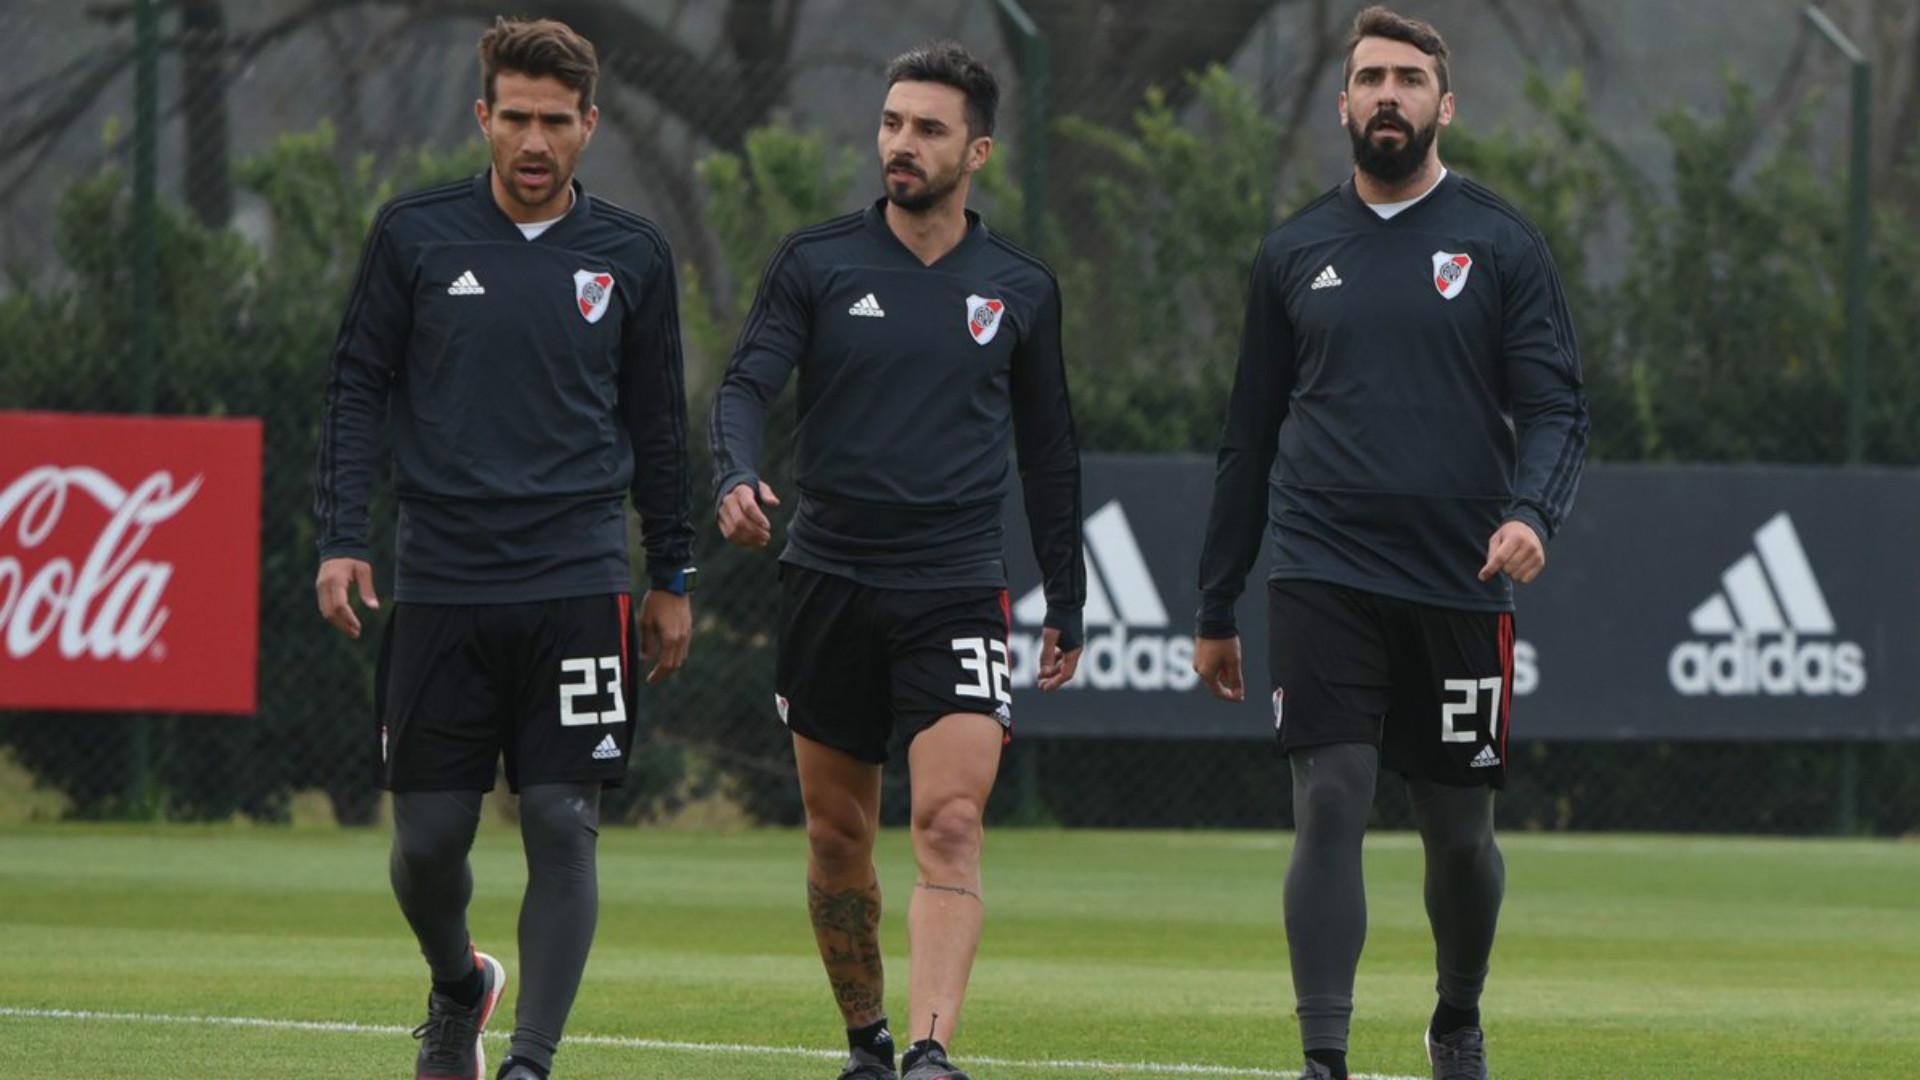 Campeones 2015 vs. 2018: las formaciones de la despedida de Mora